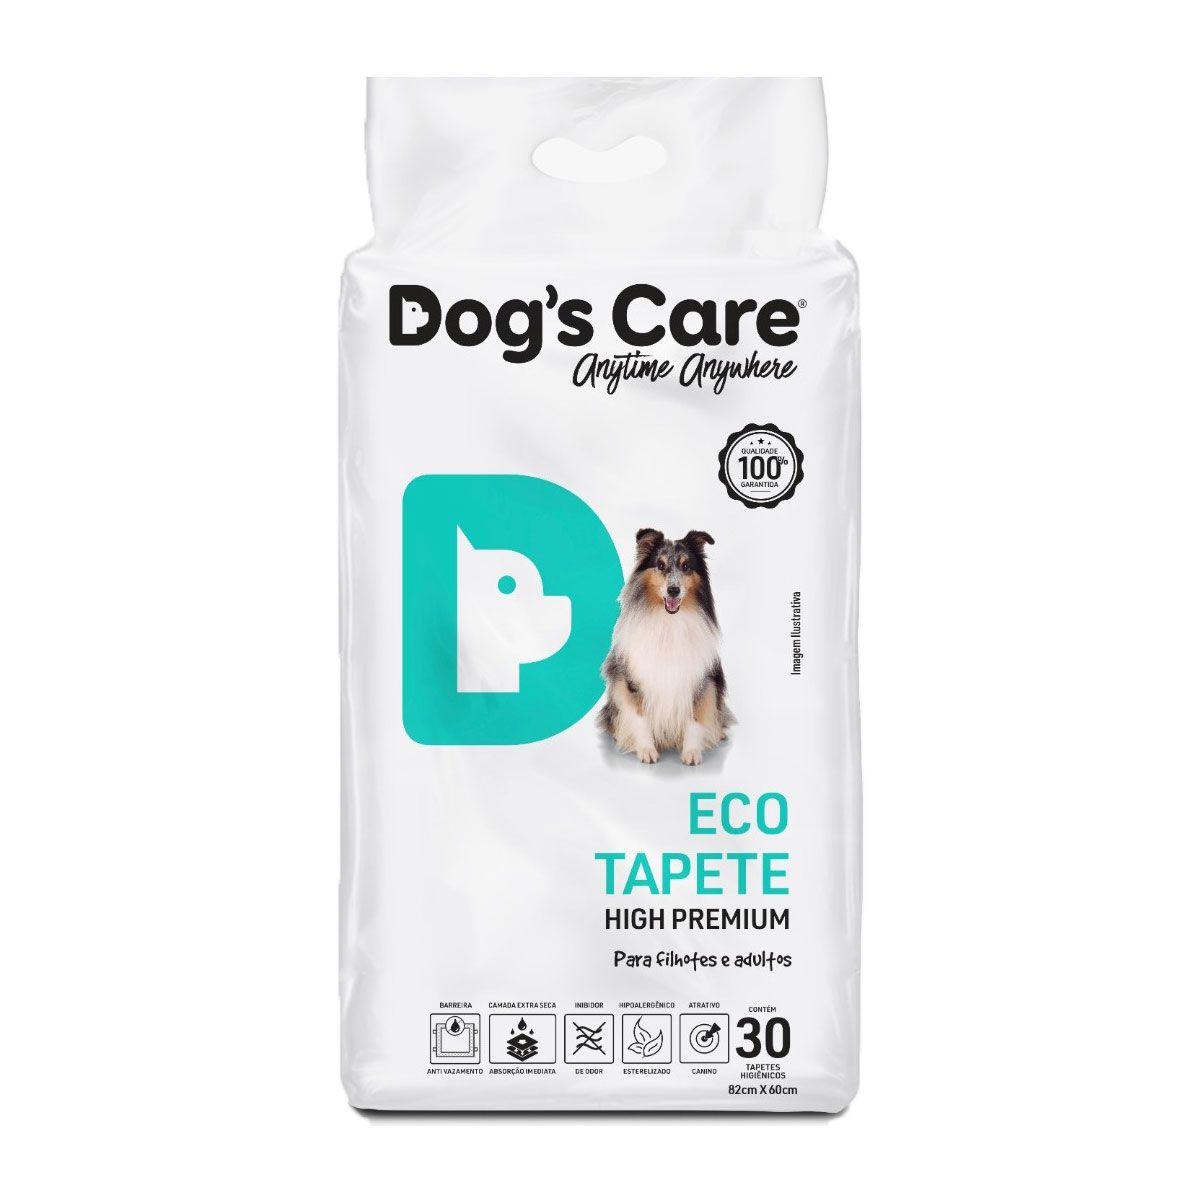 Tapete Higiênico descartável Eco High Premium Filhotes e Adultos Dog's Care 30 und